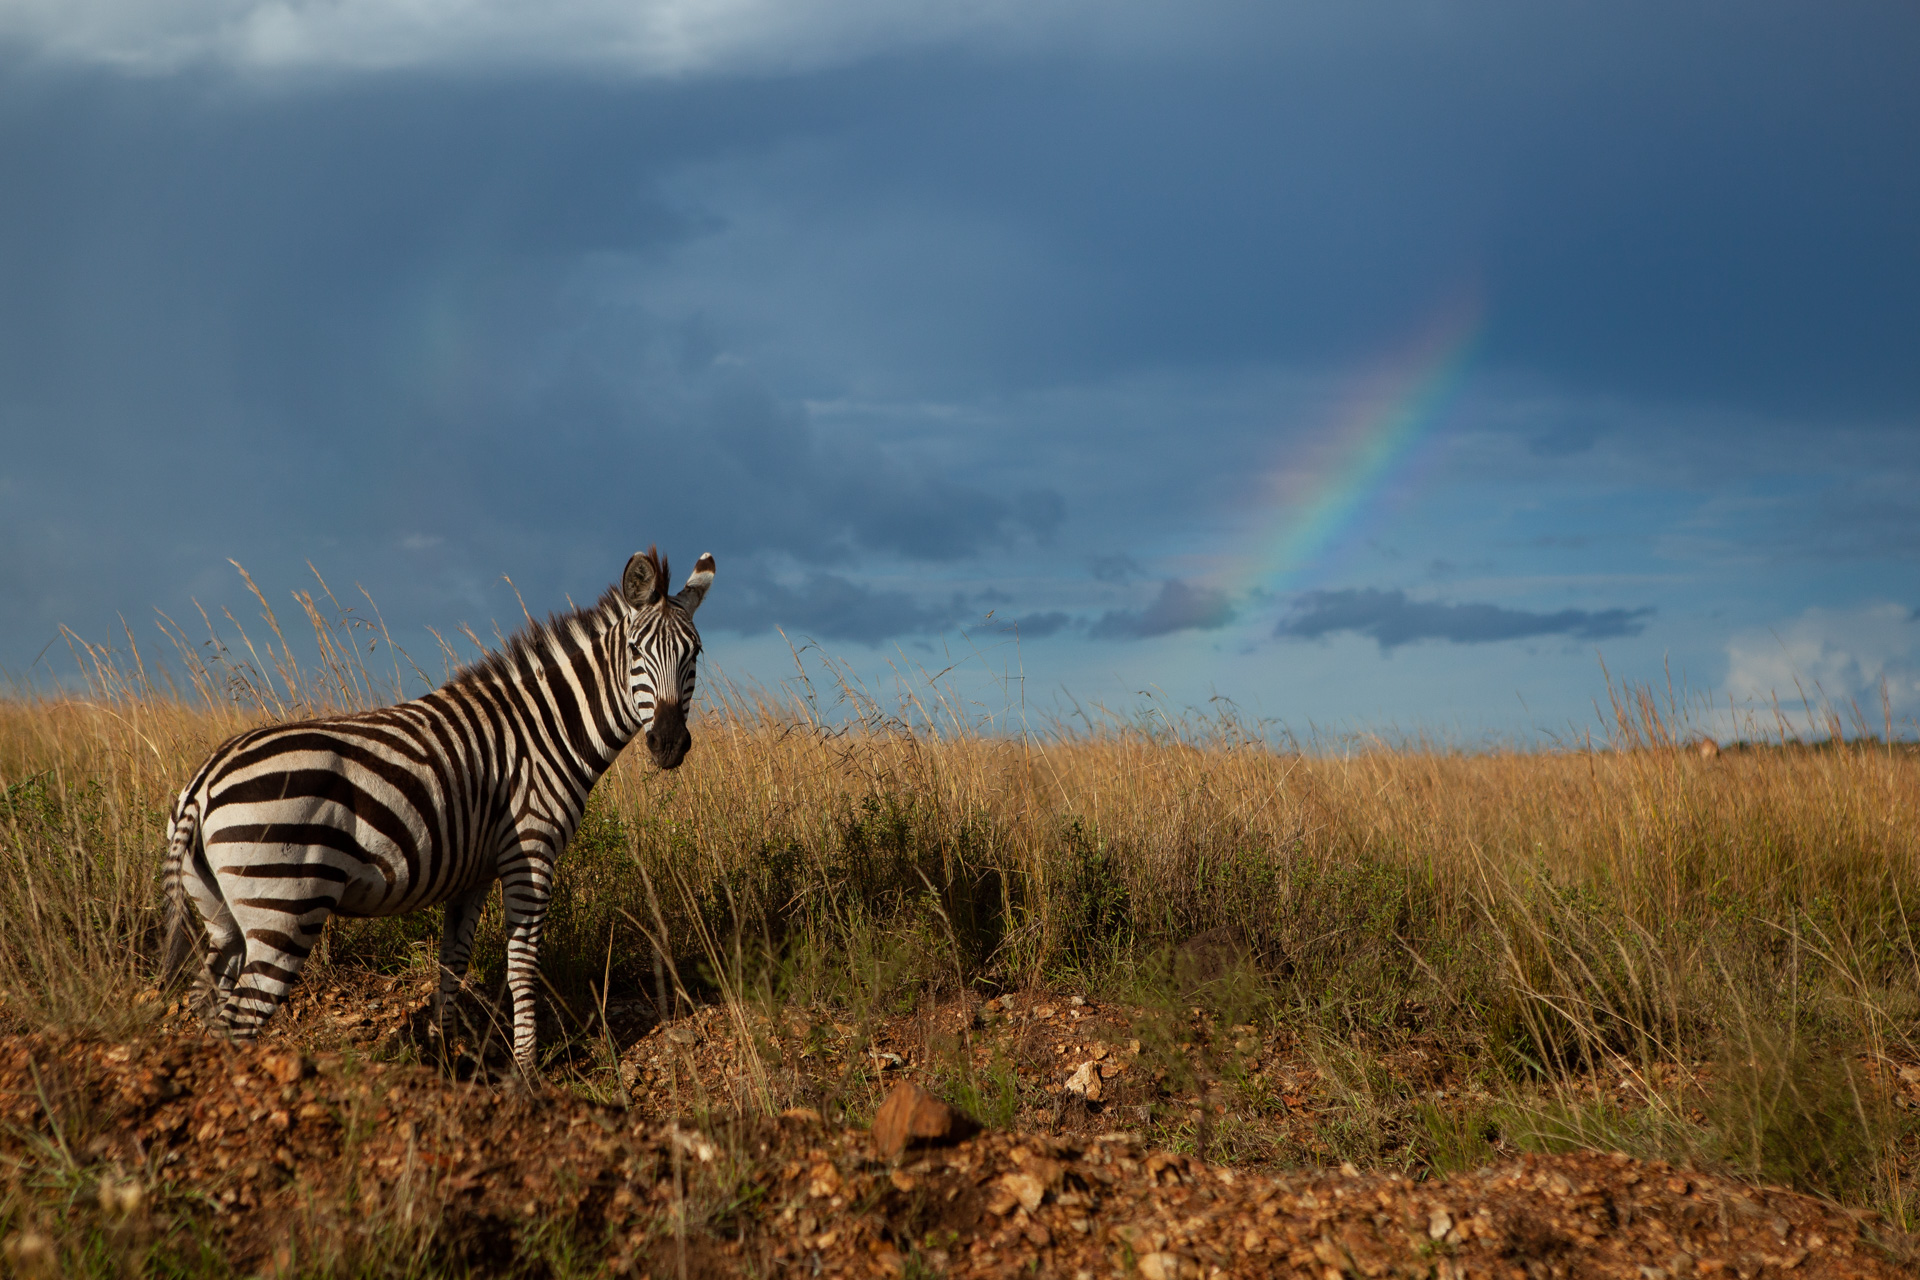 Zebra and rainbow